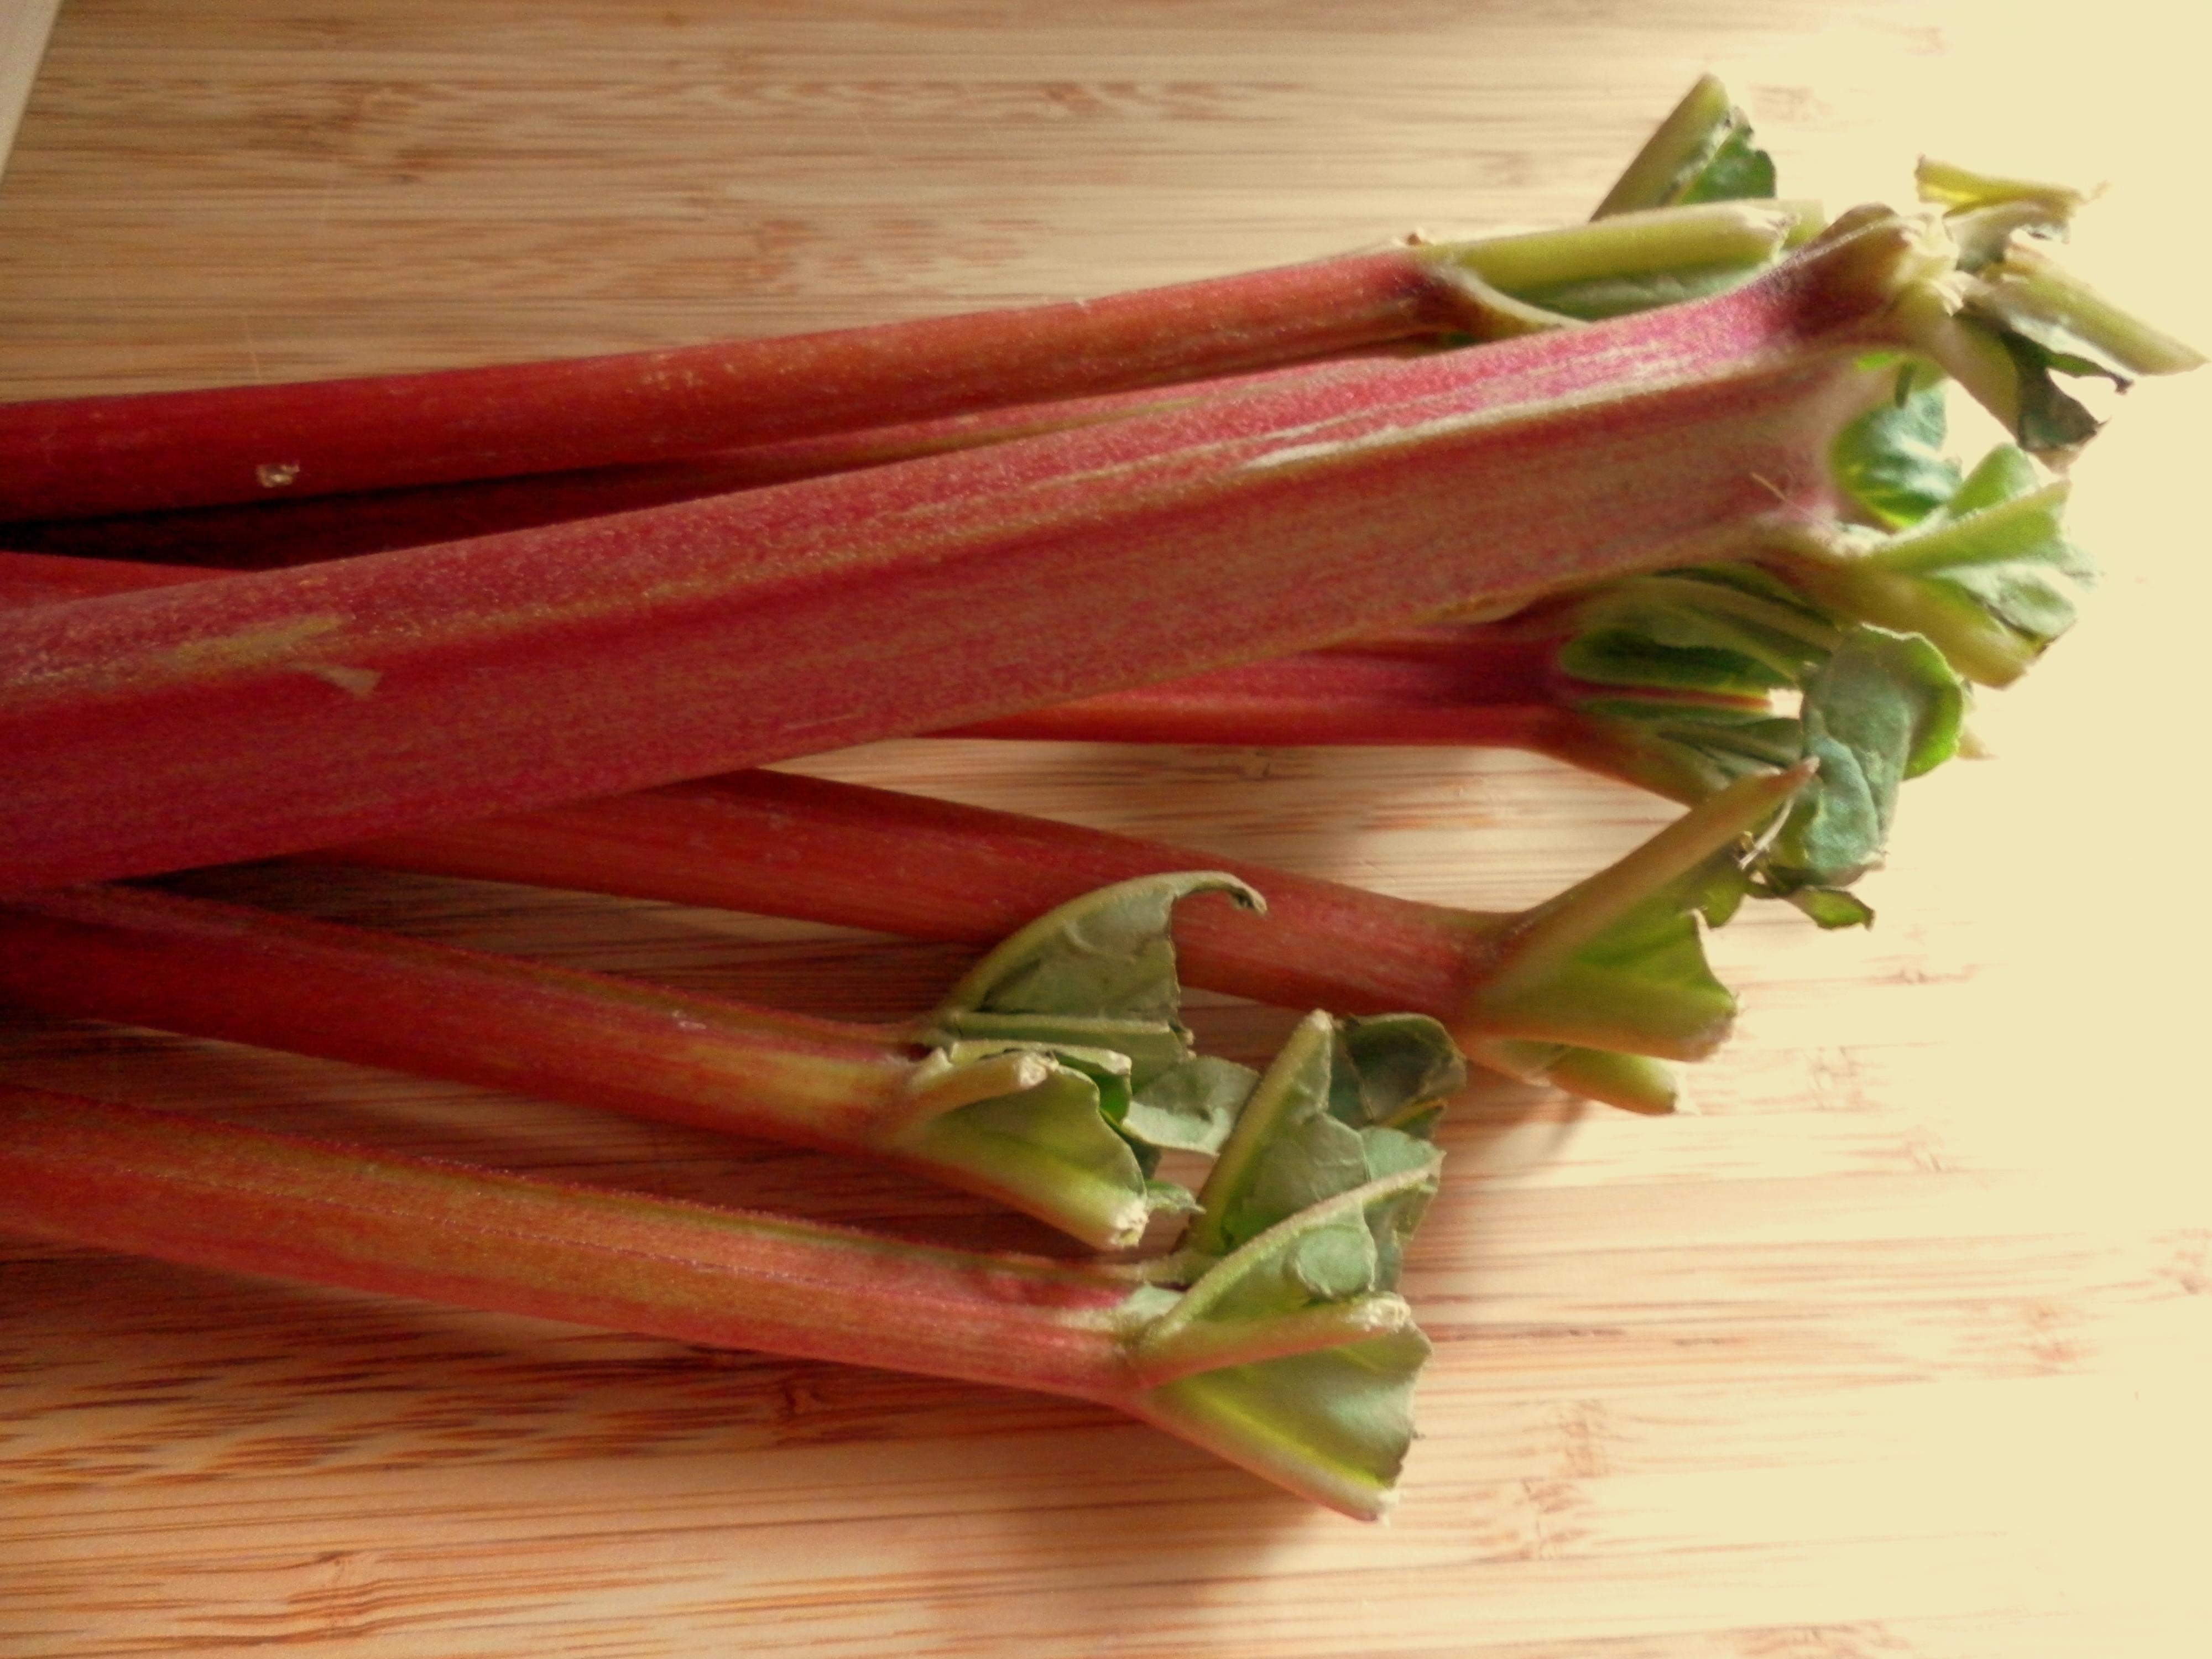 ... : Roasted Rhubarb with Cardamom & Saffron Ice Cream! | Yummy Chunklet